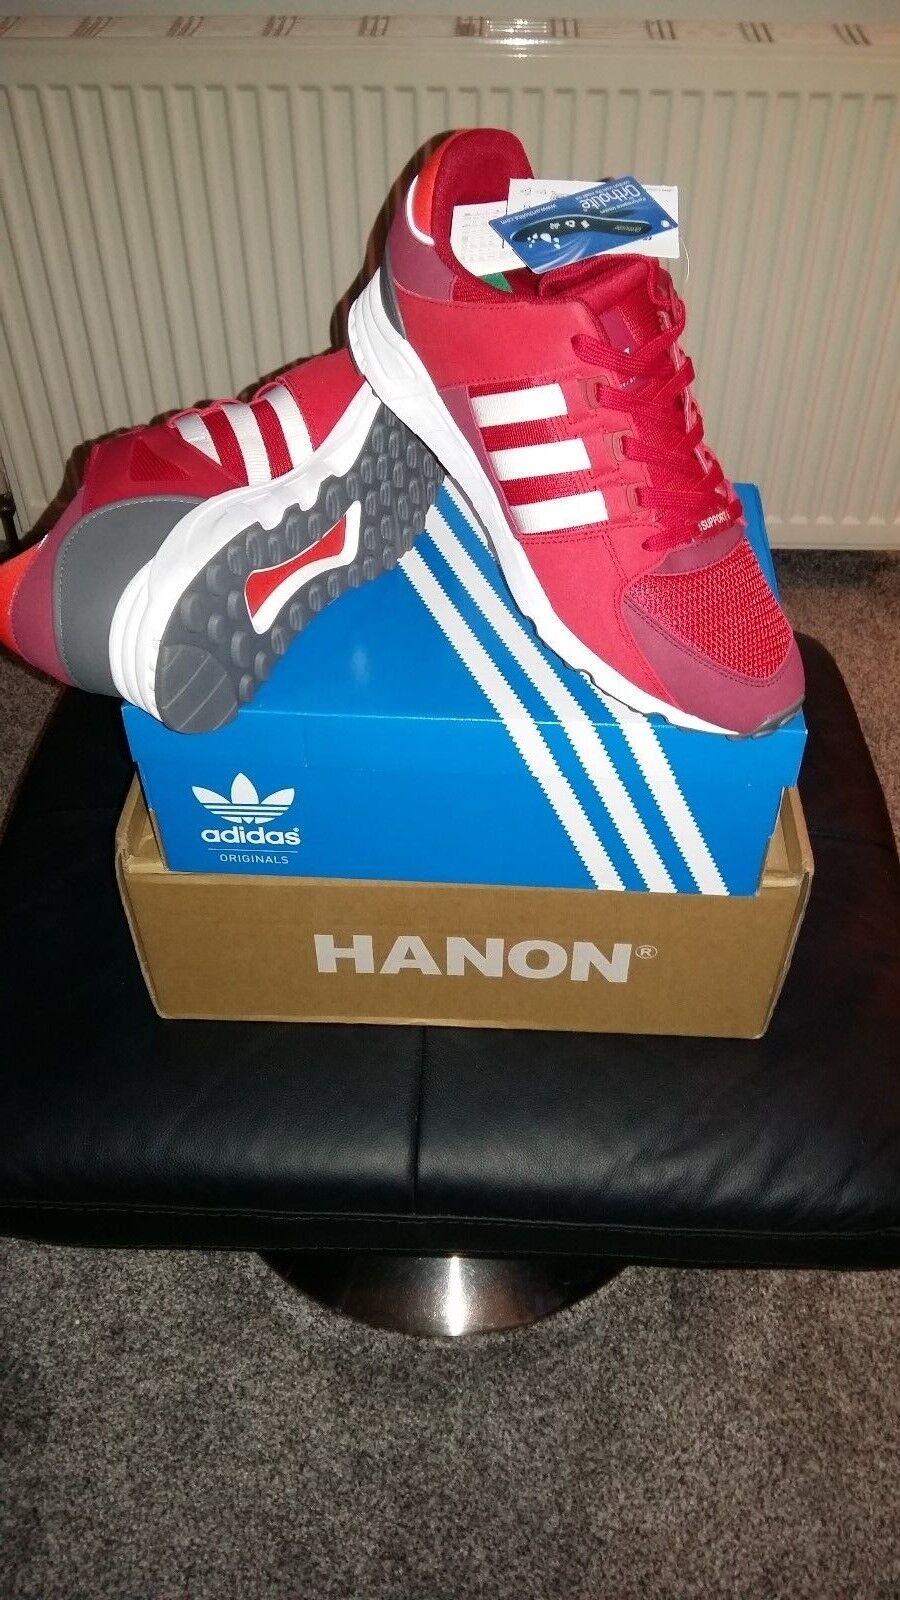 Originals Adidas EQT Support RF ... Taille 10 uk eur 44 2/3